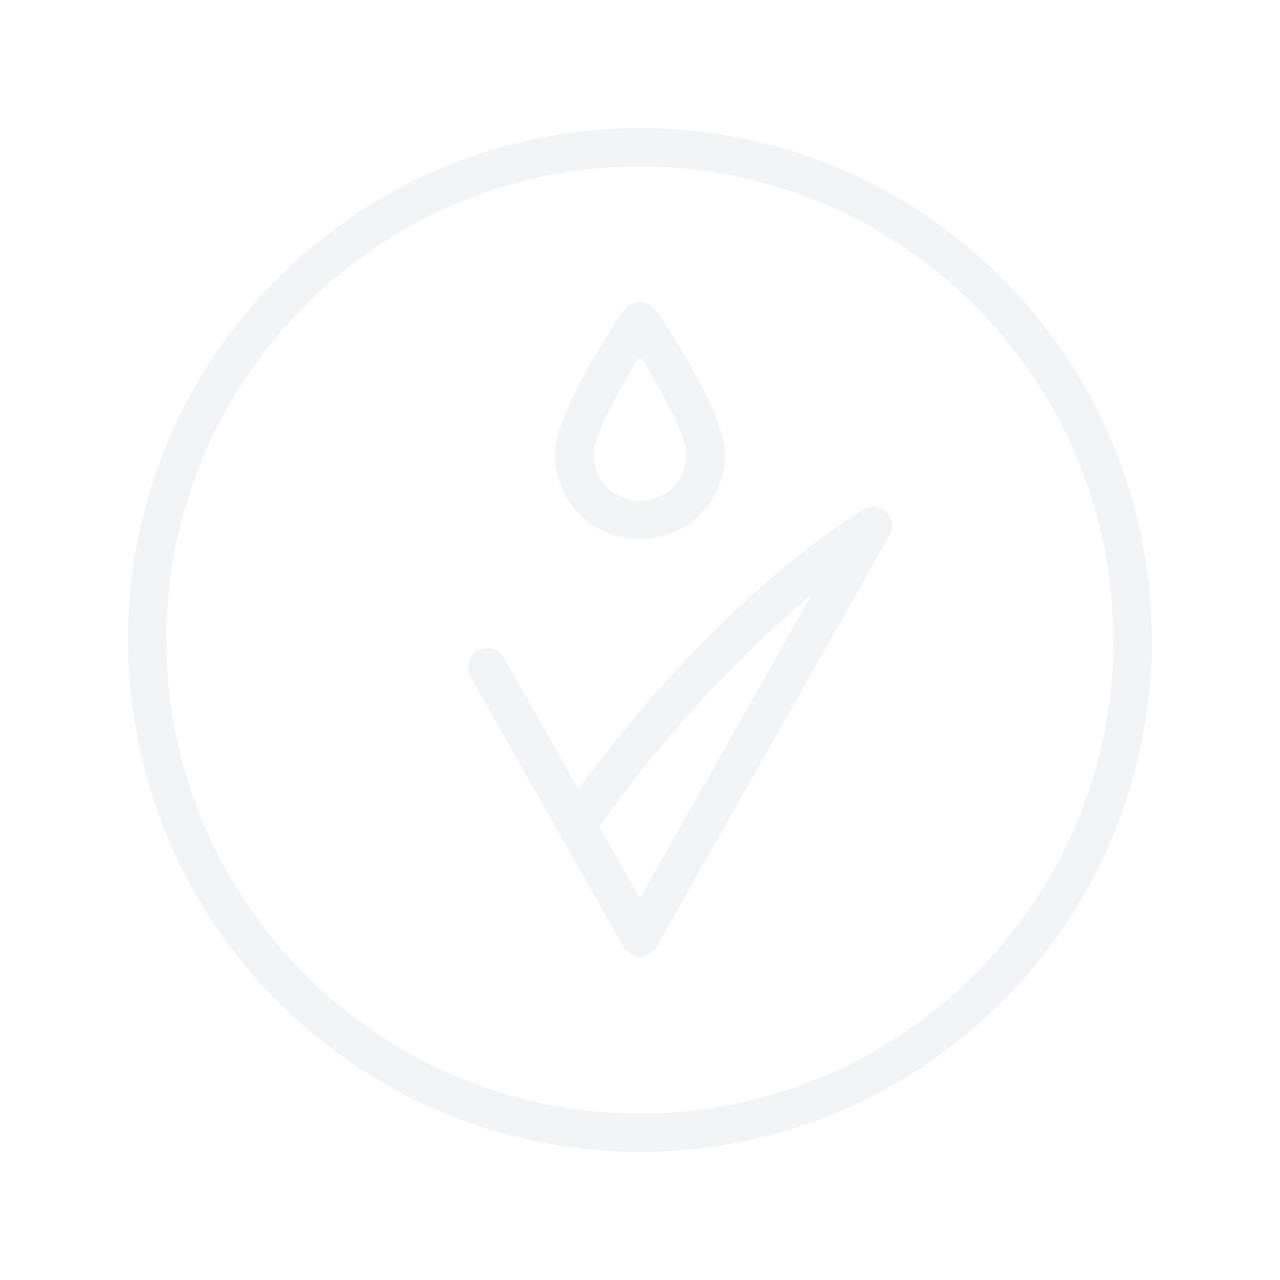 Dior Homme Sport 2012 EDT 100ml